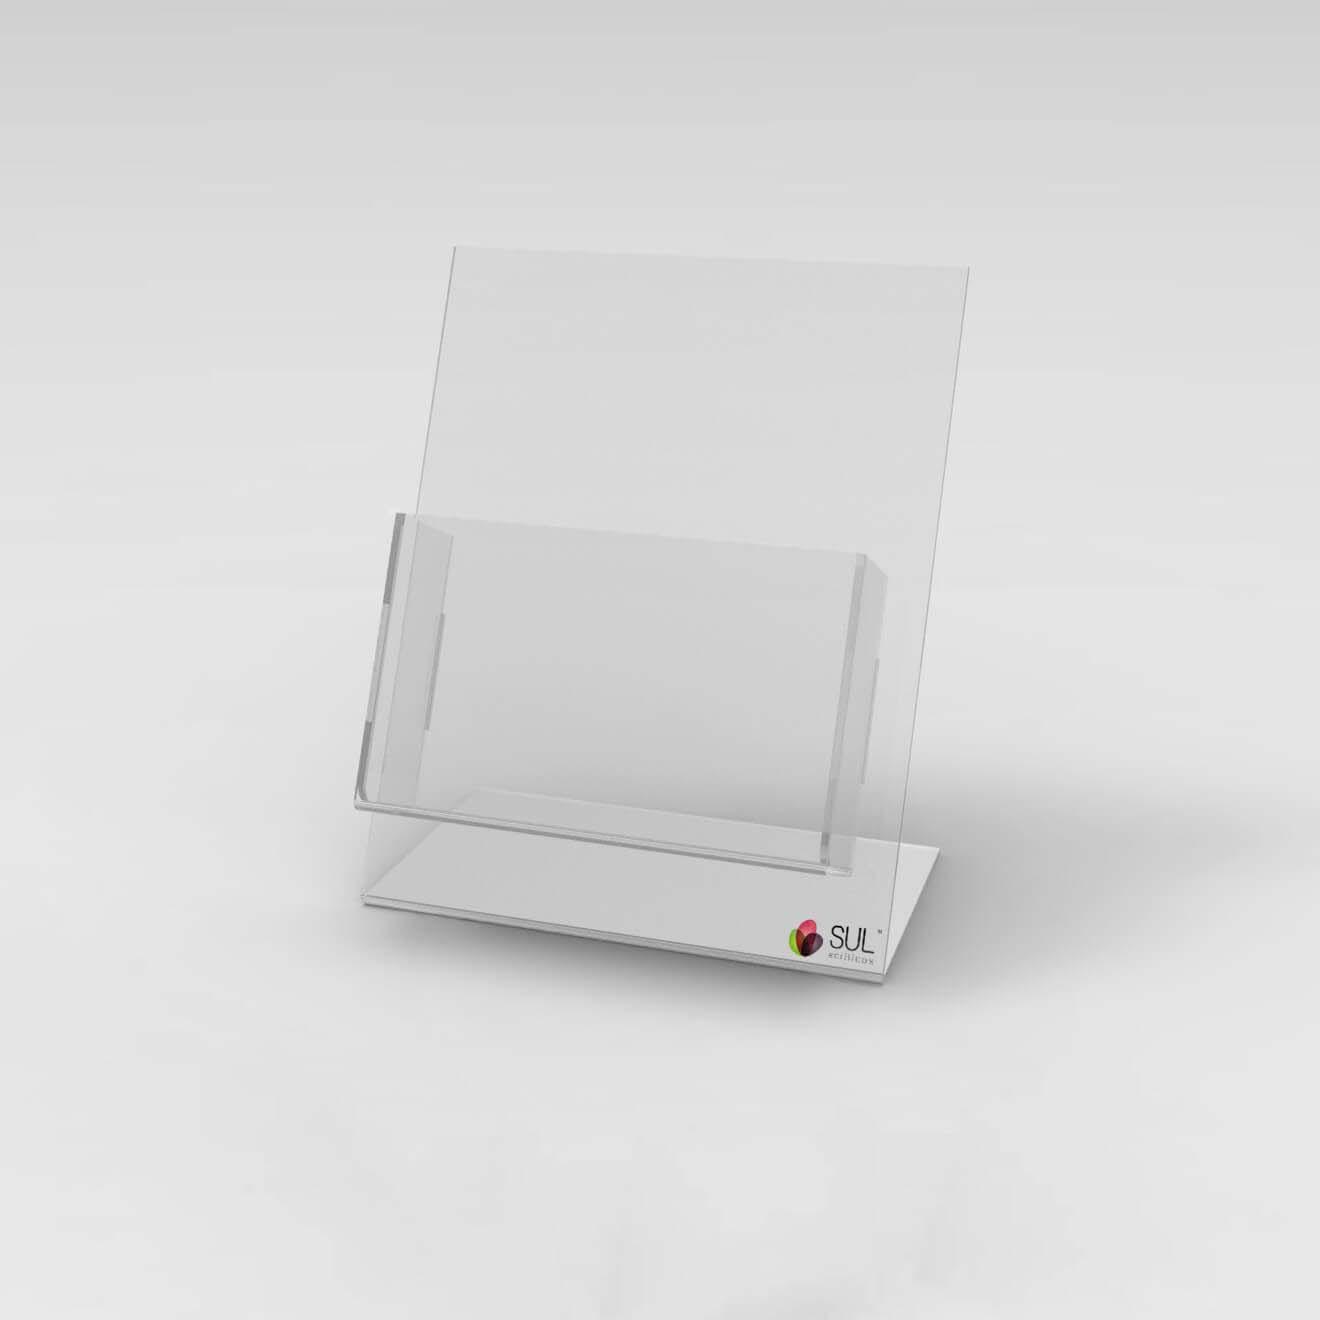 Porta Folder A6 em Acrílico p/ mesa ou balcão - 4 unds.